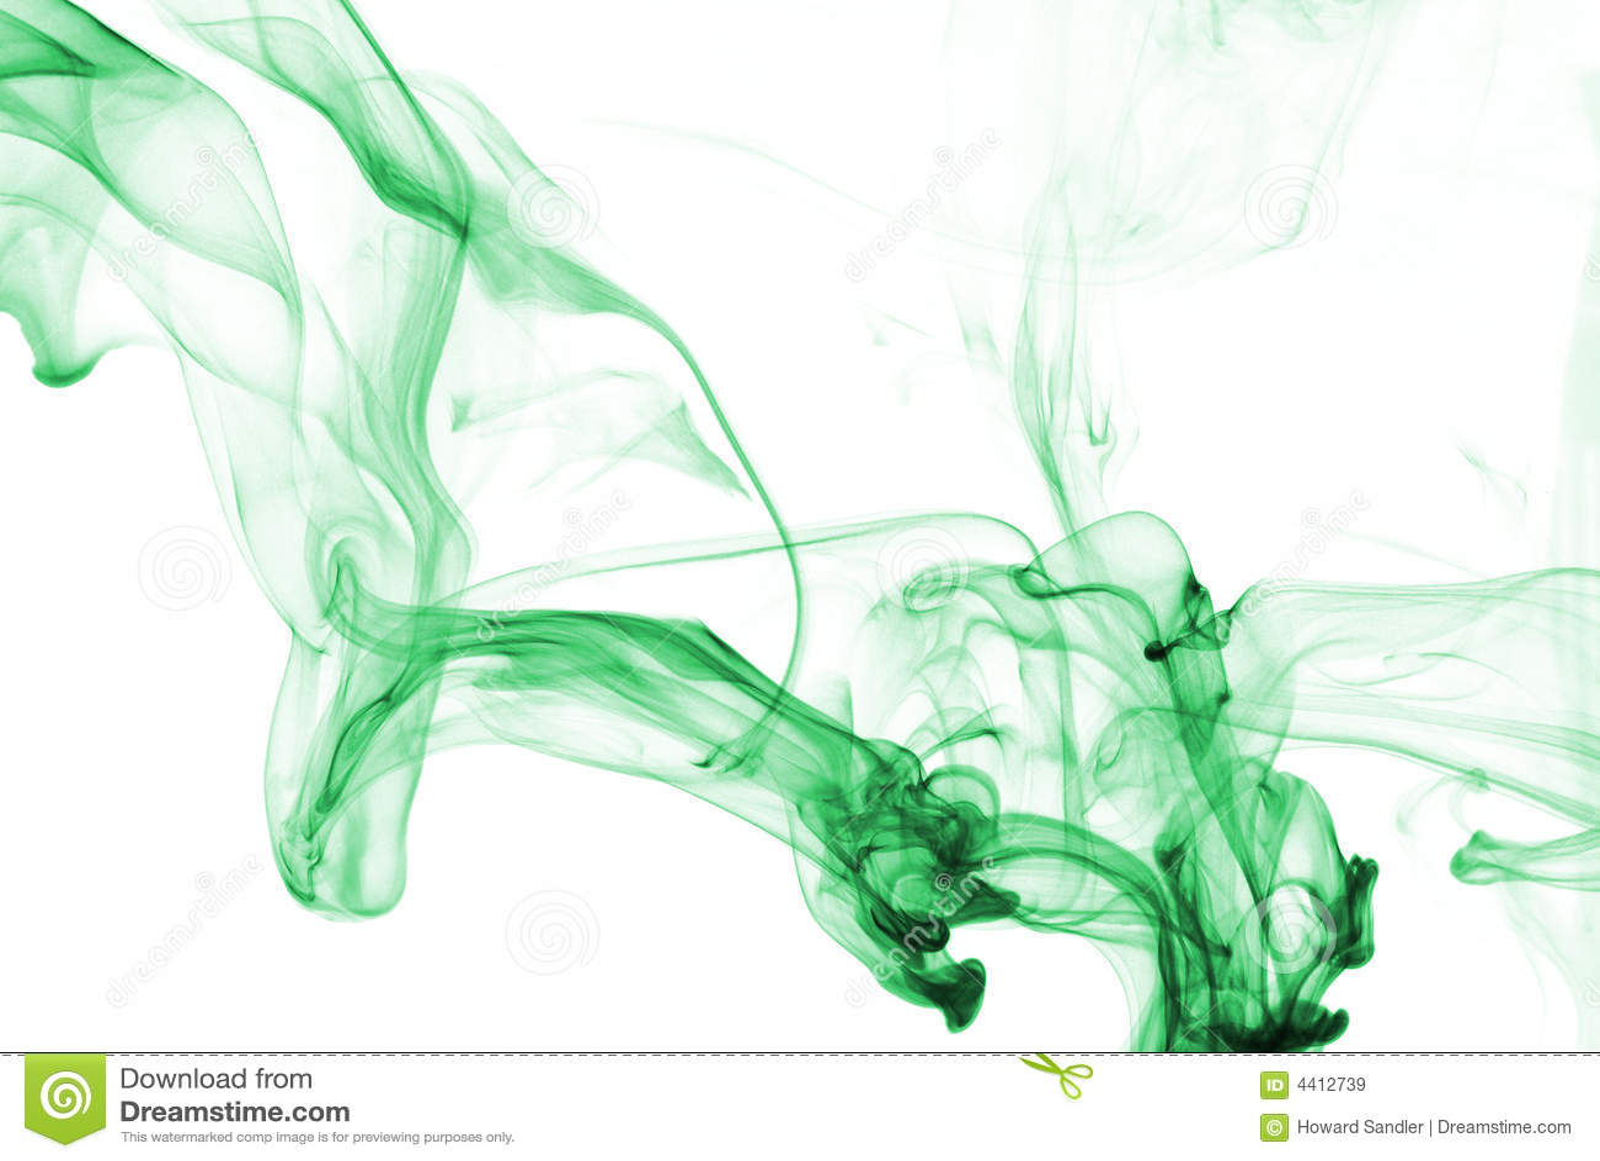 Extracto del humo en Aqua